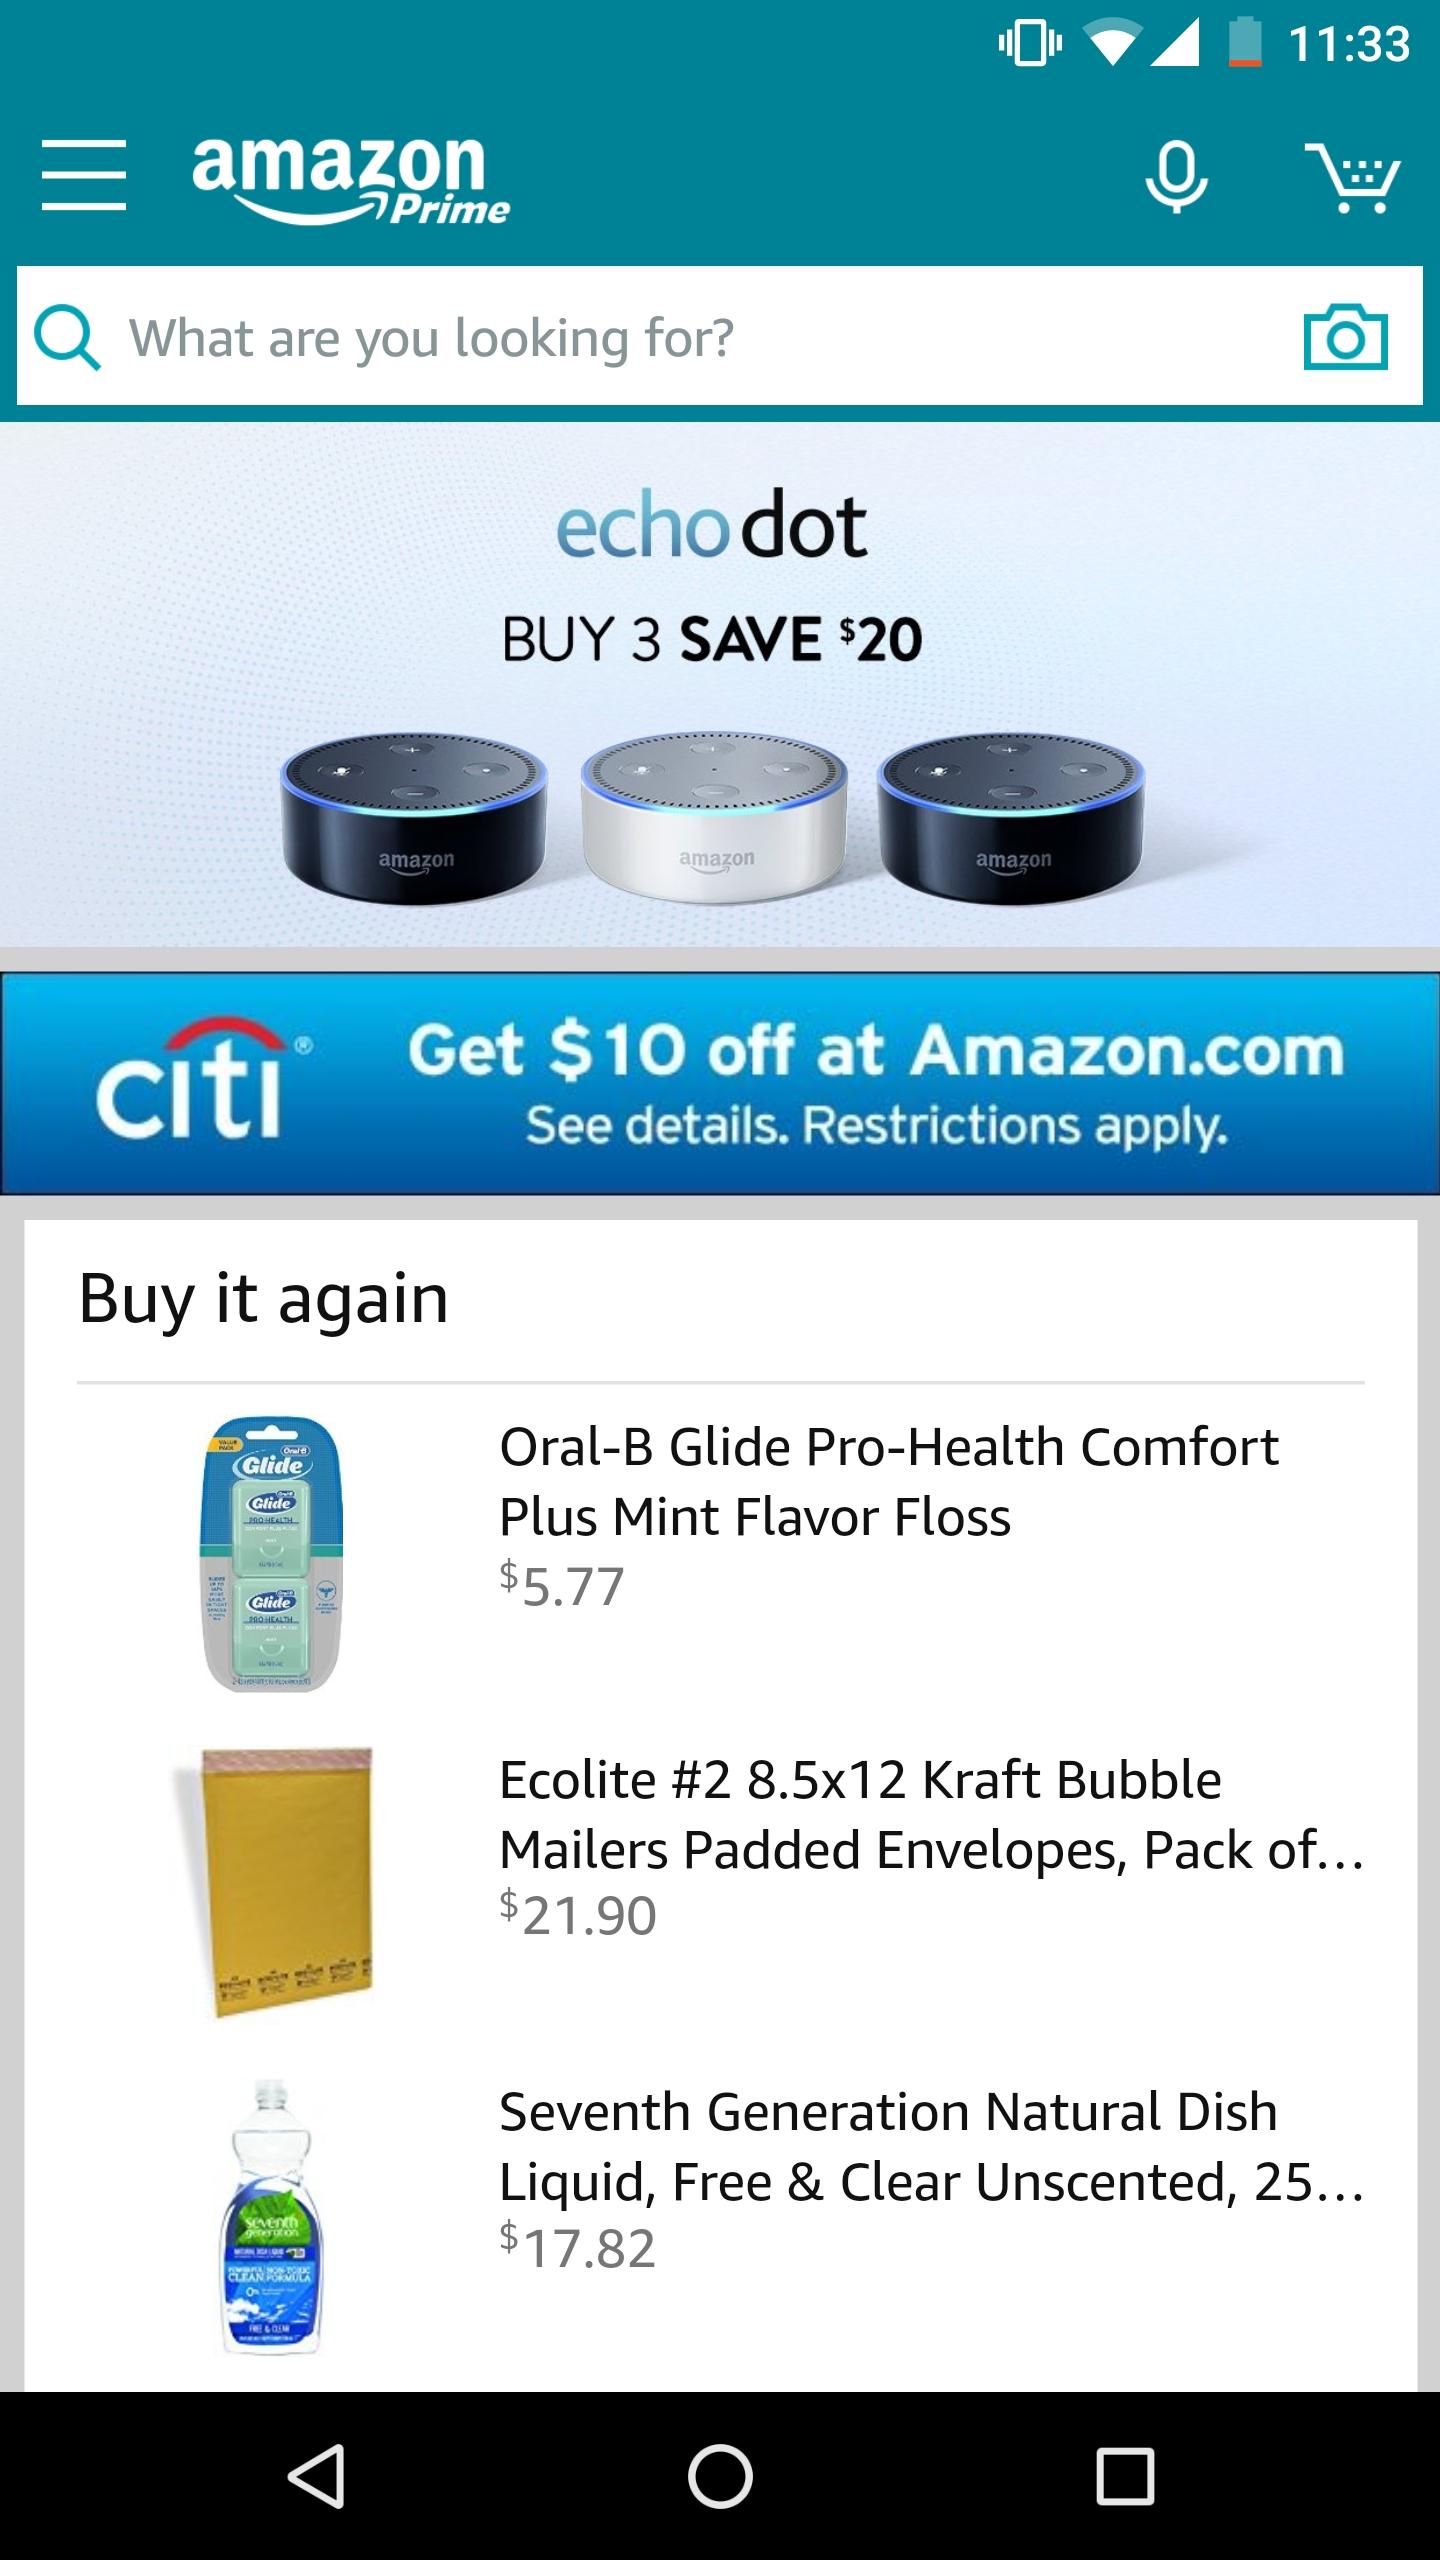 Amazon - Citi 1 click $10 promo ymmv